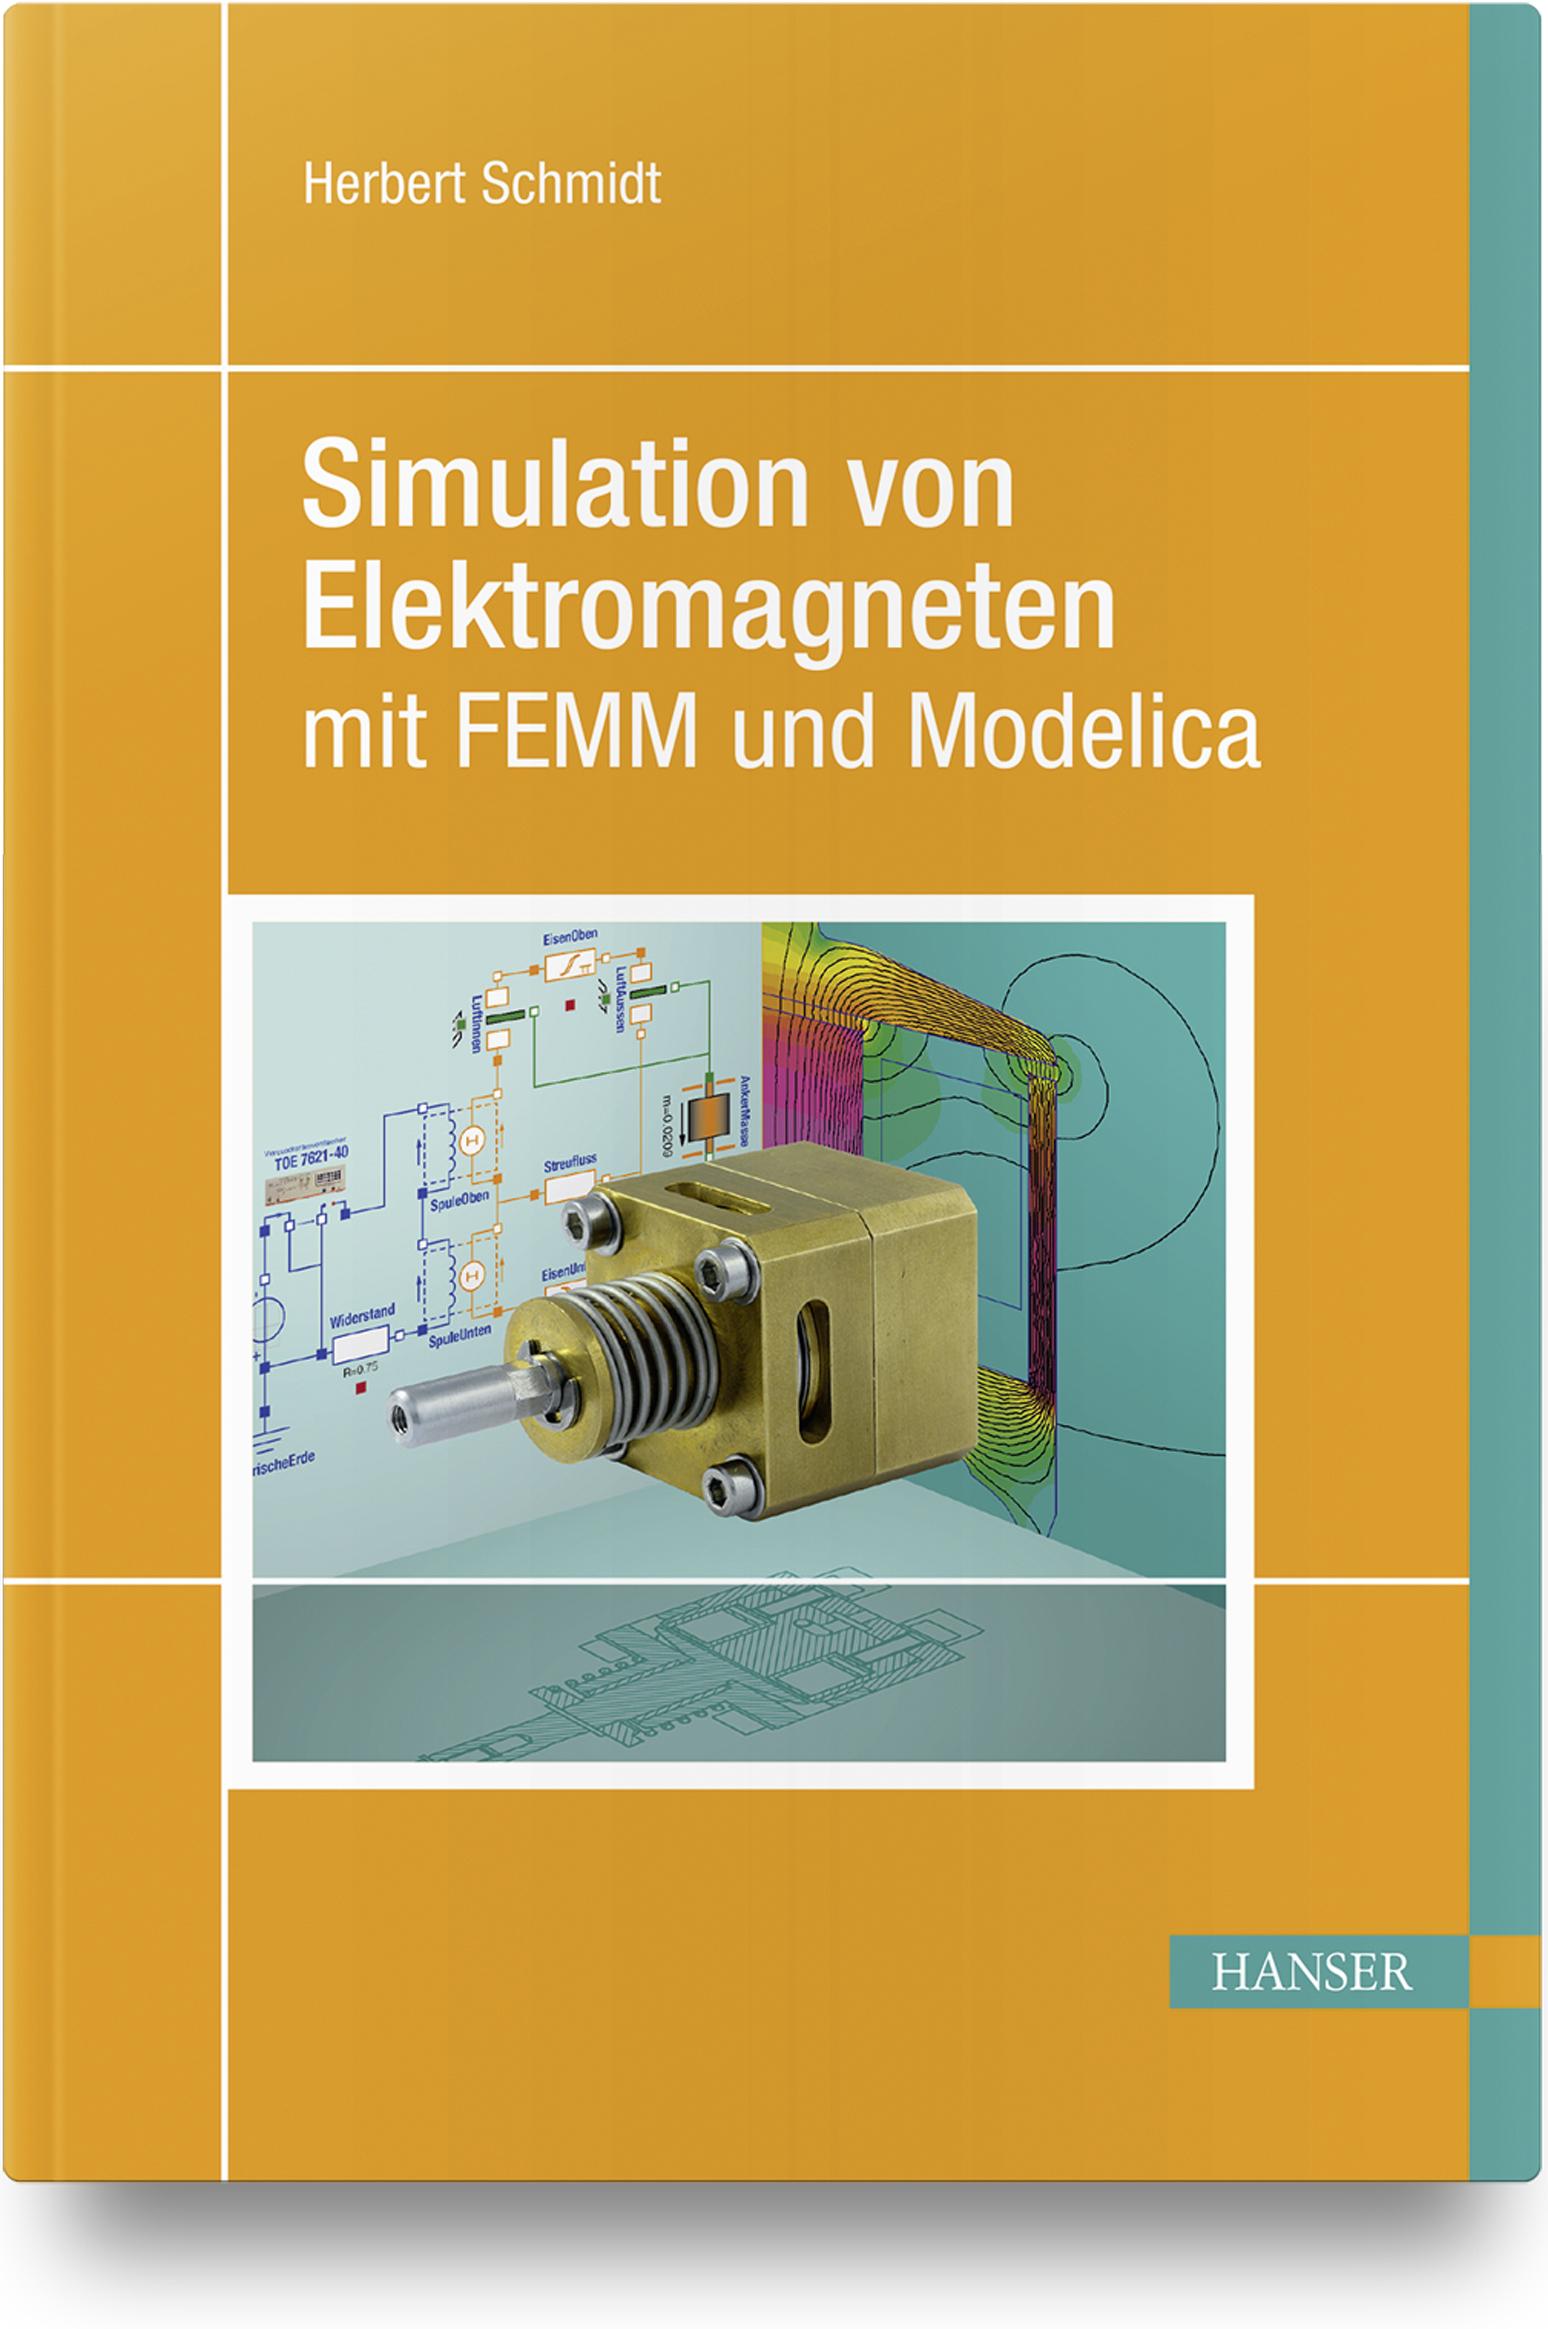 Schmidt, Simulation von Elektromagneten mit FEMM und Modelica, 978-3-446-45417-0